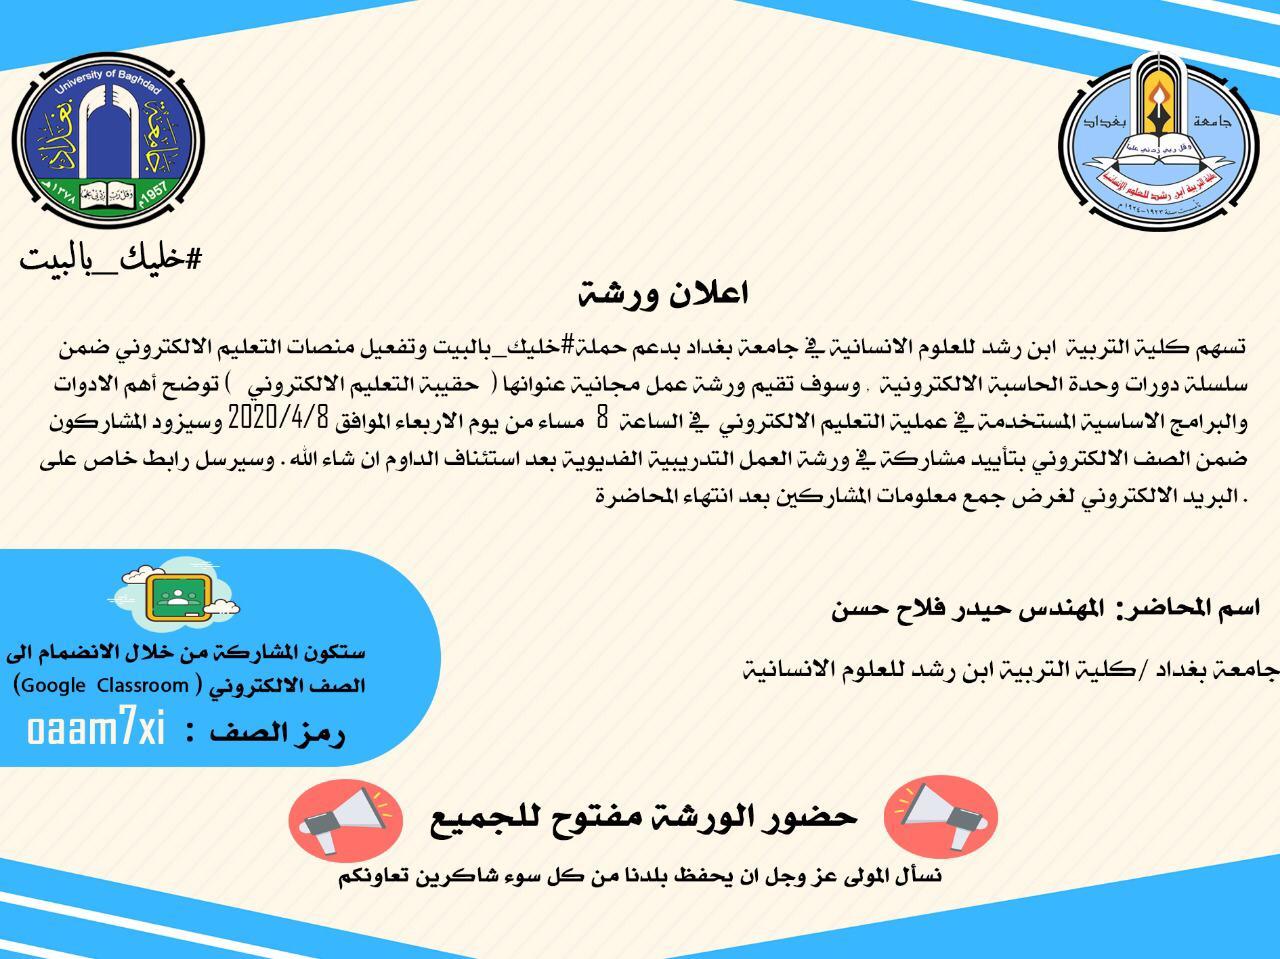 اعلان عن ورشة عمل الكترونية كلية التربية ابن رشد